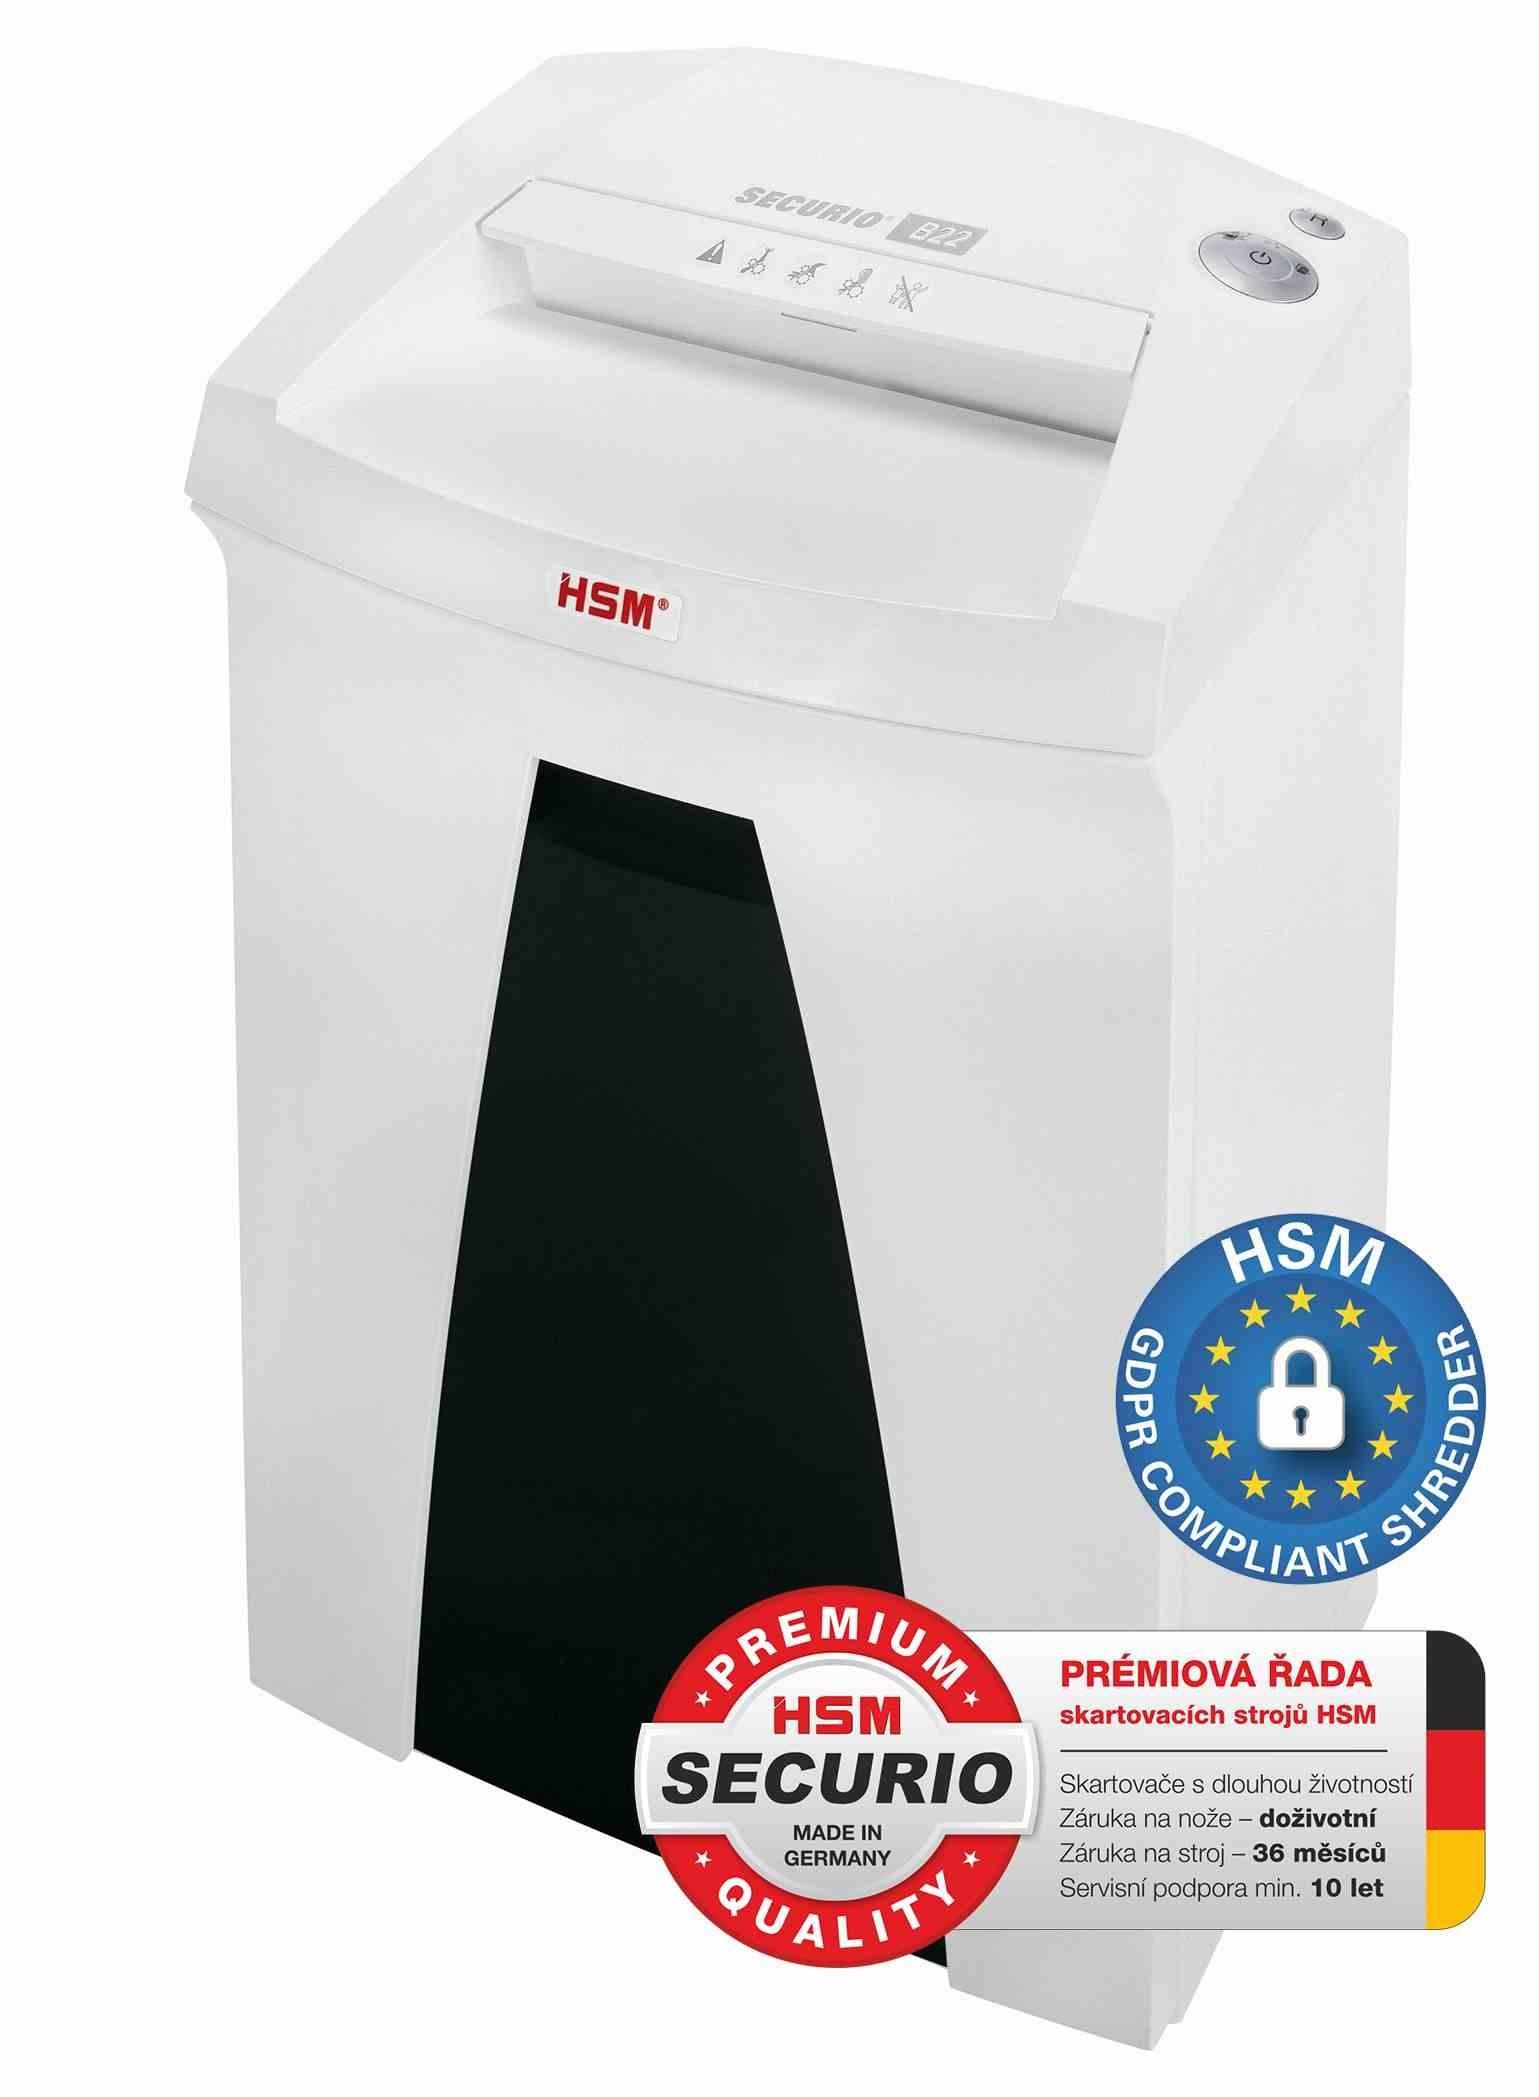 HSM skartovač Securio B22 (řez: Kombinovaný 1,9x15mm | vstup: 240mm | DIN: P-5 (4) | papír, sponky, plast. karty )